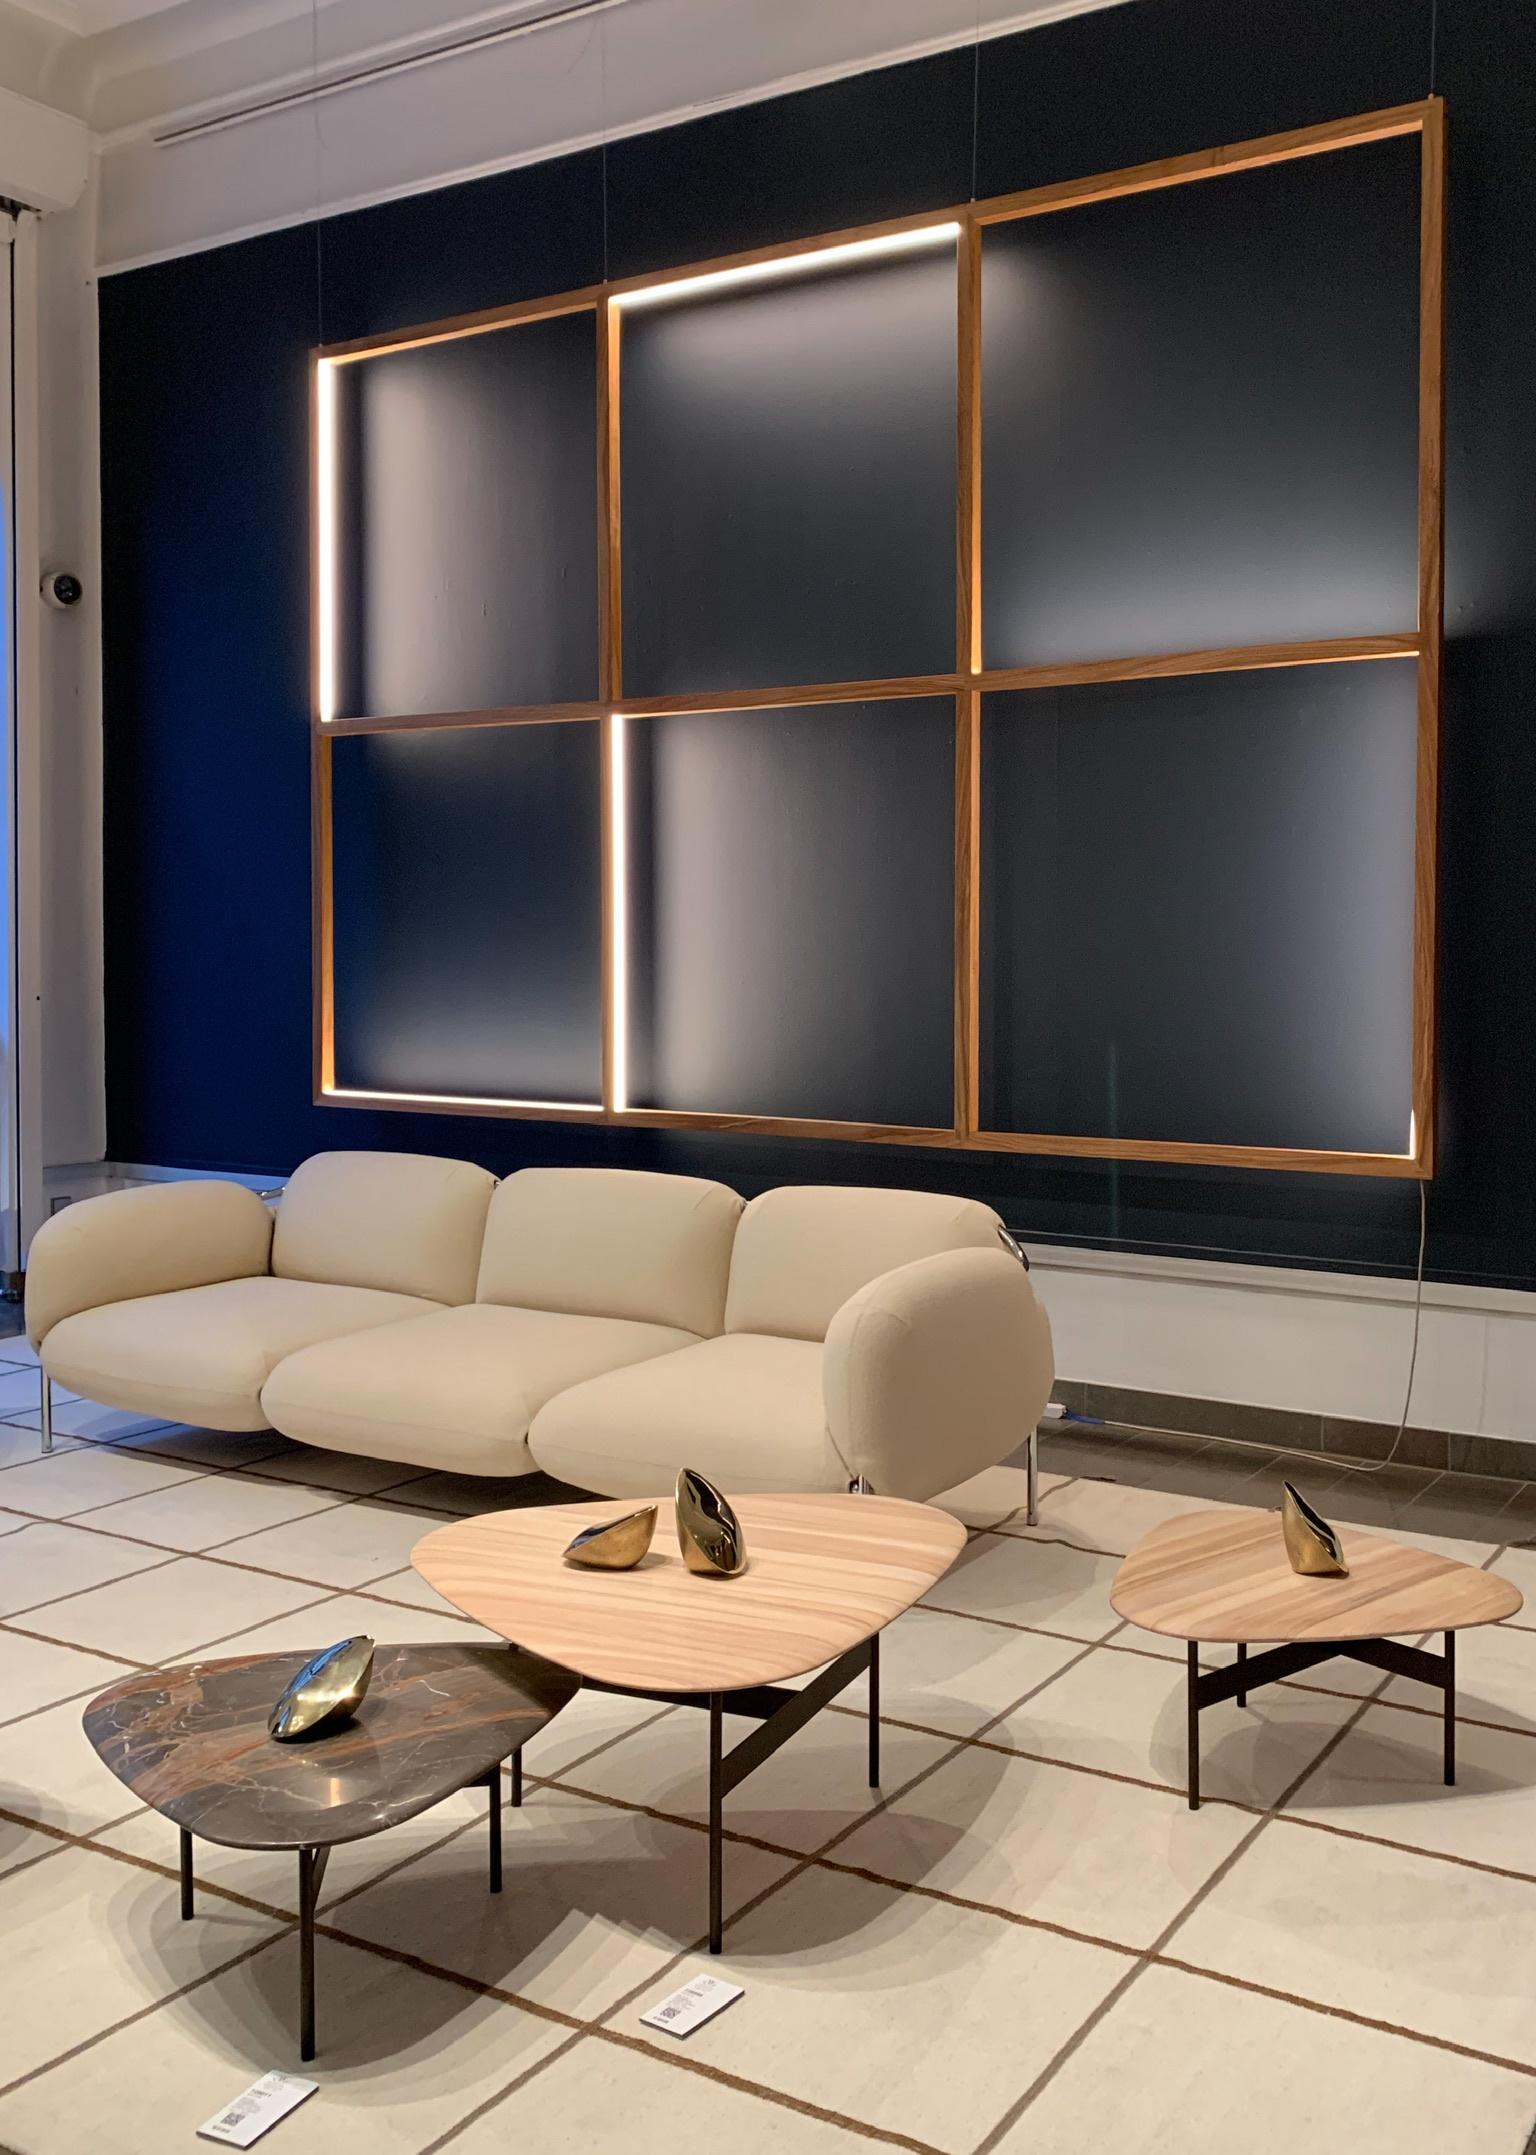 Неделя дизайна в Стокгольме 2020: блог бюро P+Z (галерея 40, фото 2)